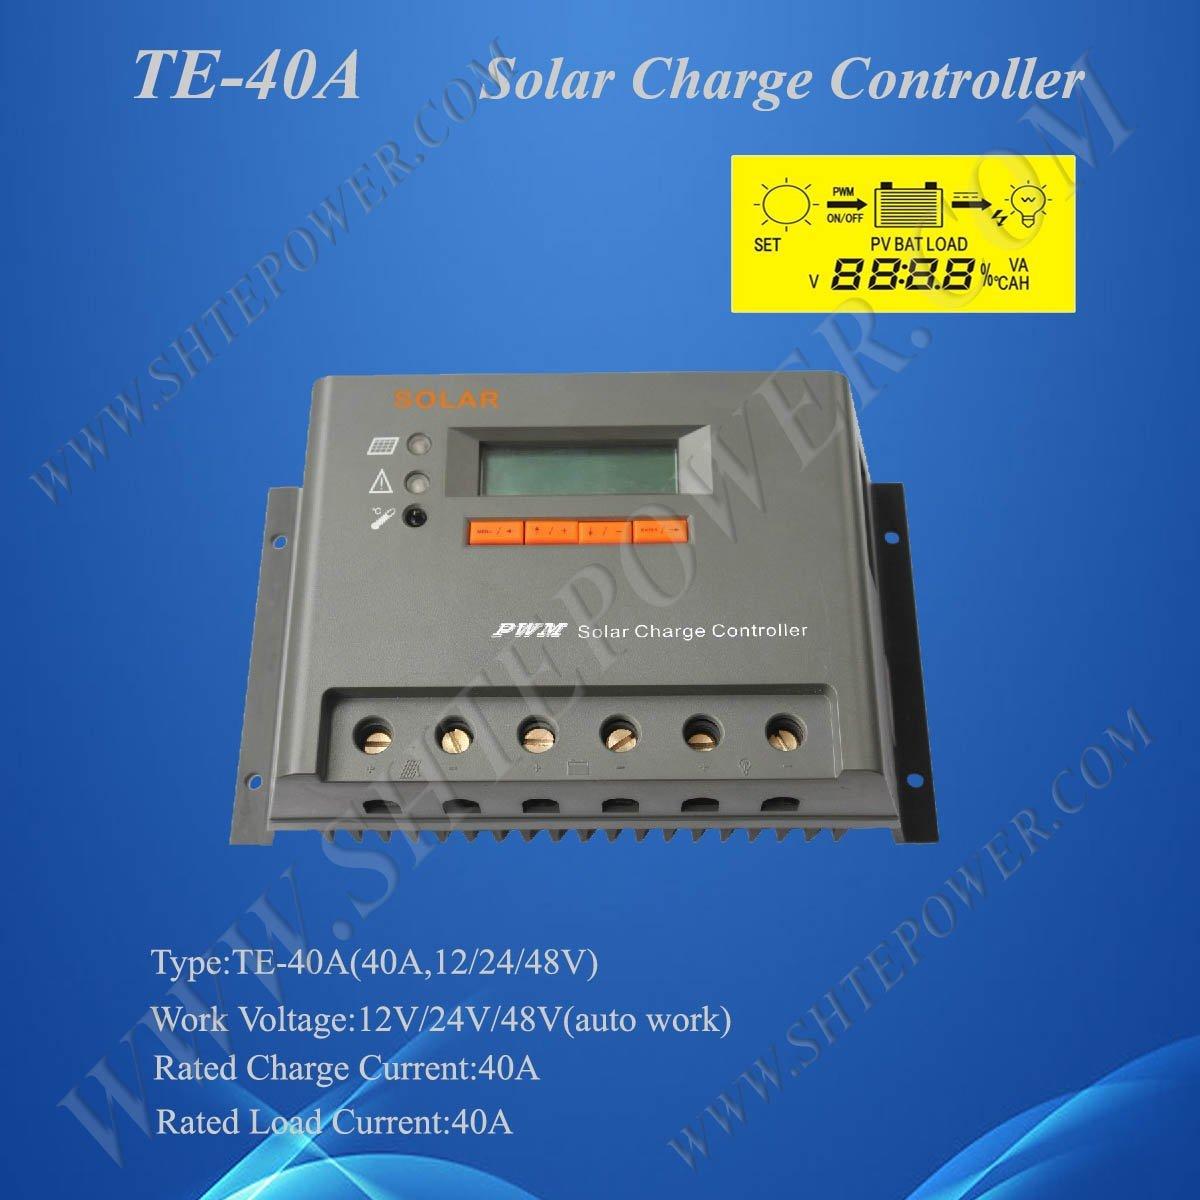 40A 12/24/48 V автоматическая работа за максимальной точкой мощности, Солнечный контроллер заряда/Солнечный контроллер уличного освещения, 2 года гарантии